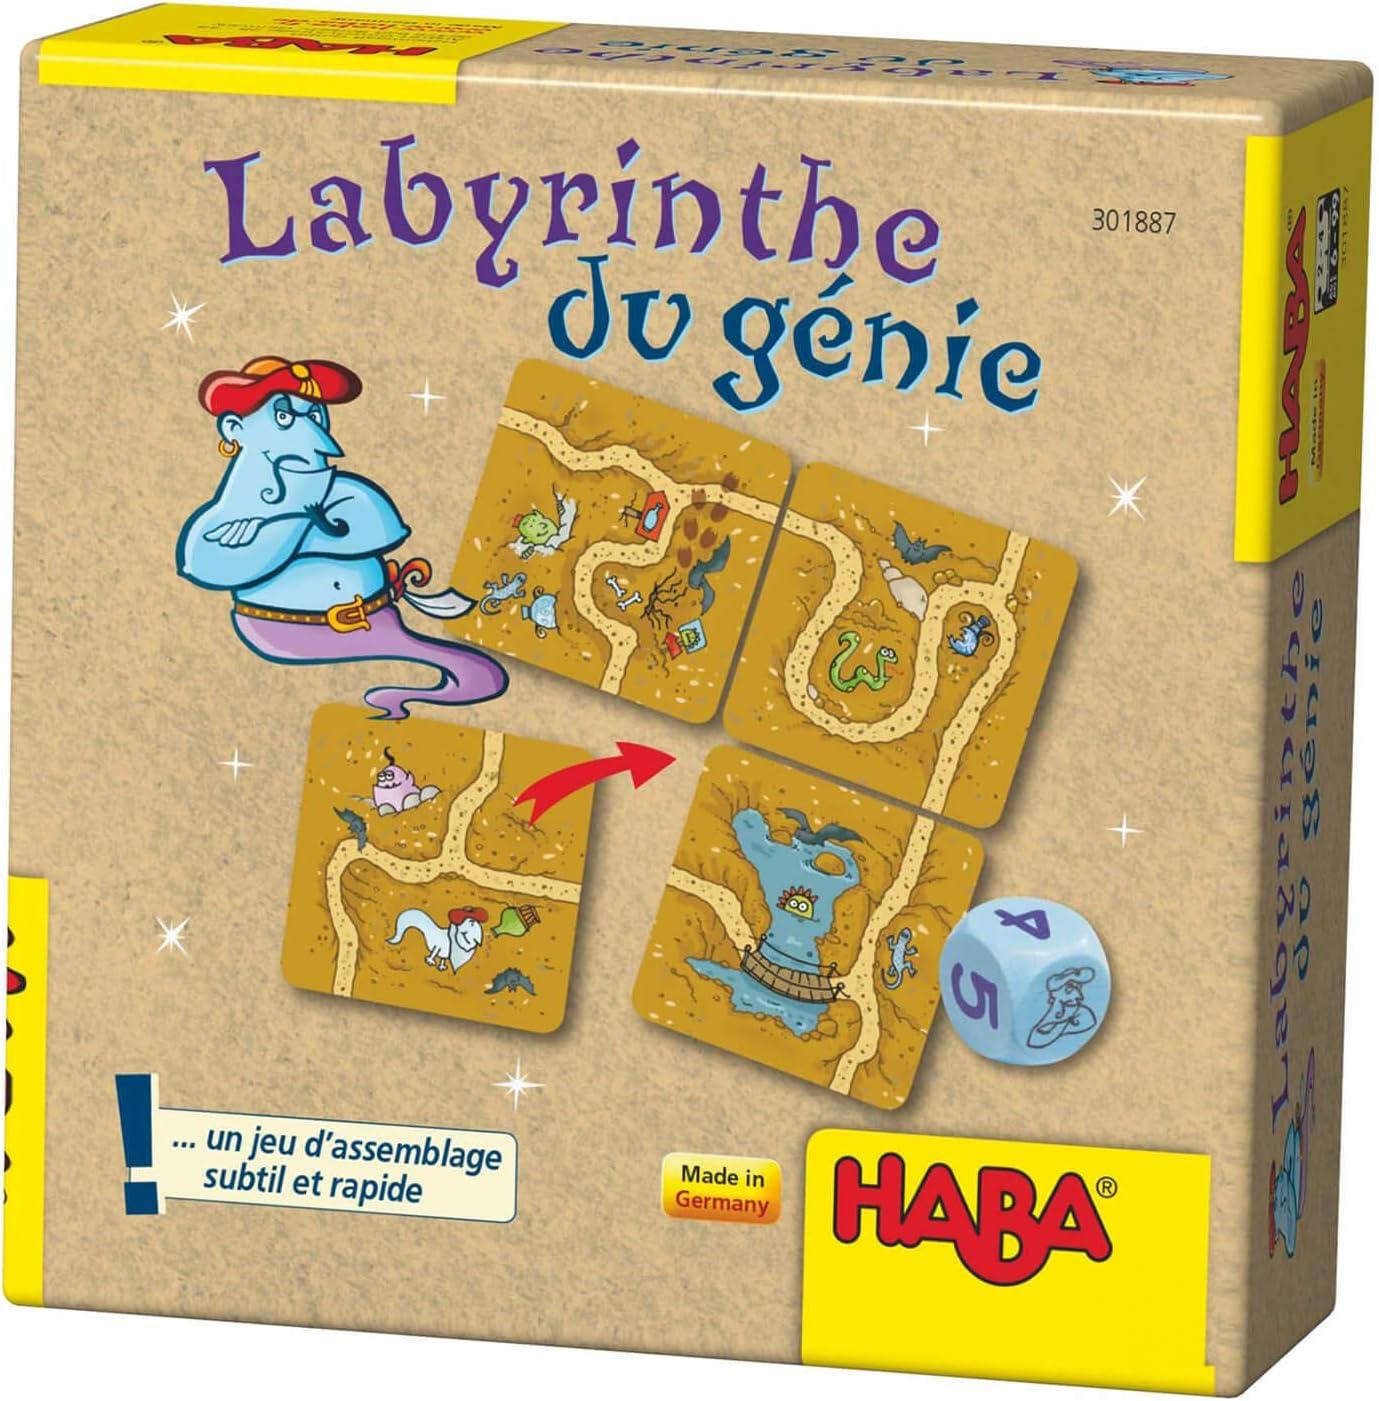 HABA – Laberinto del Genio, 301887: Amazon.es: Juguetes y juegos